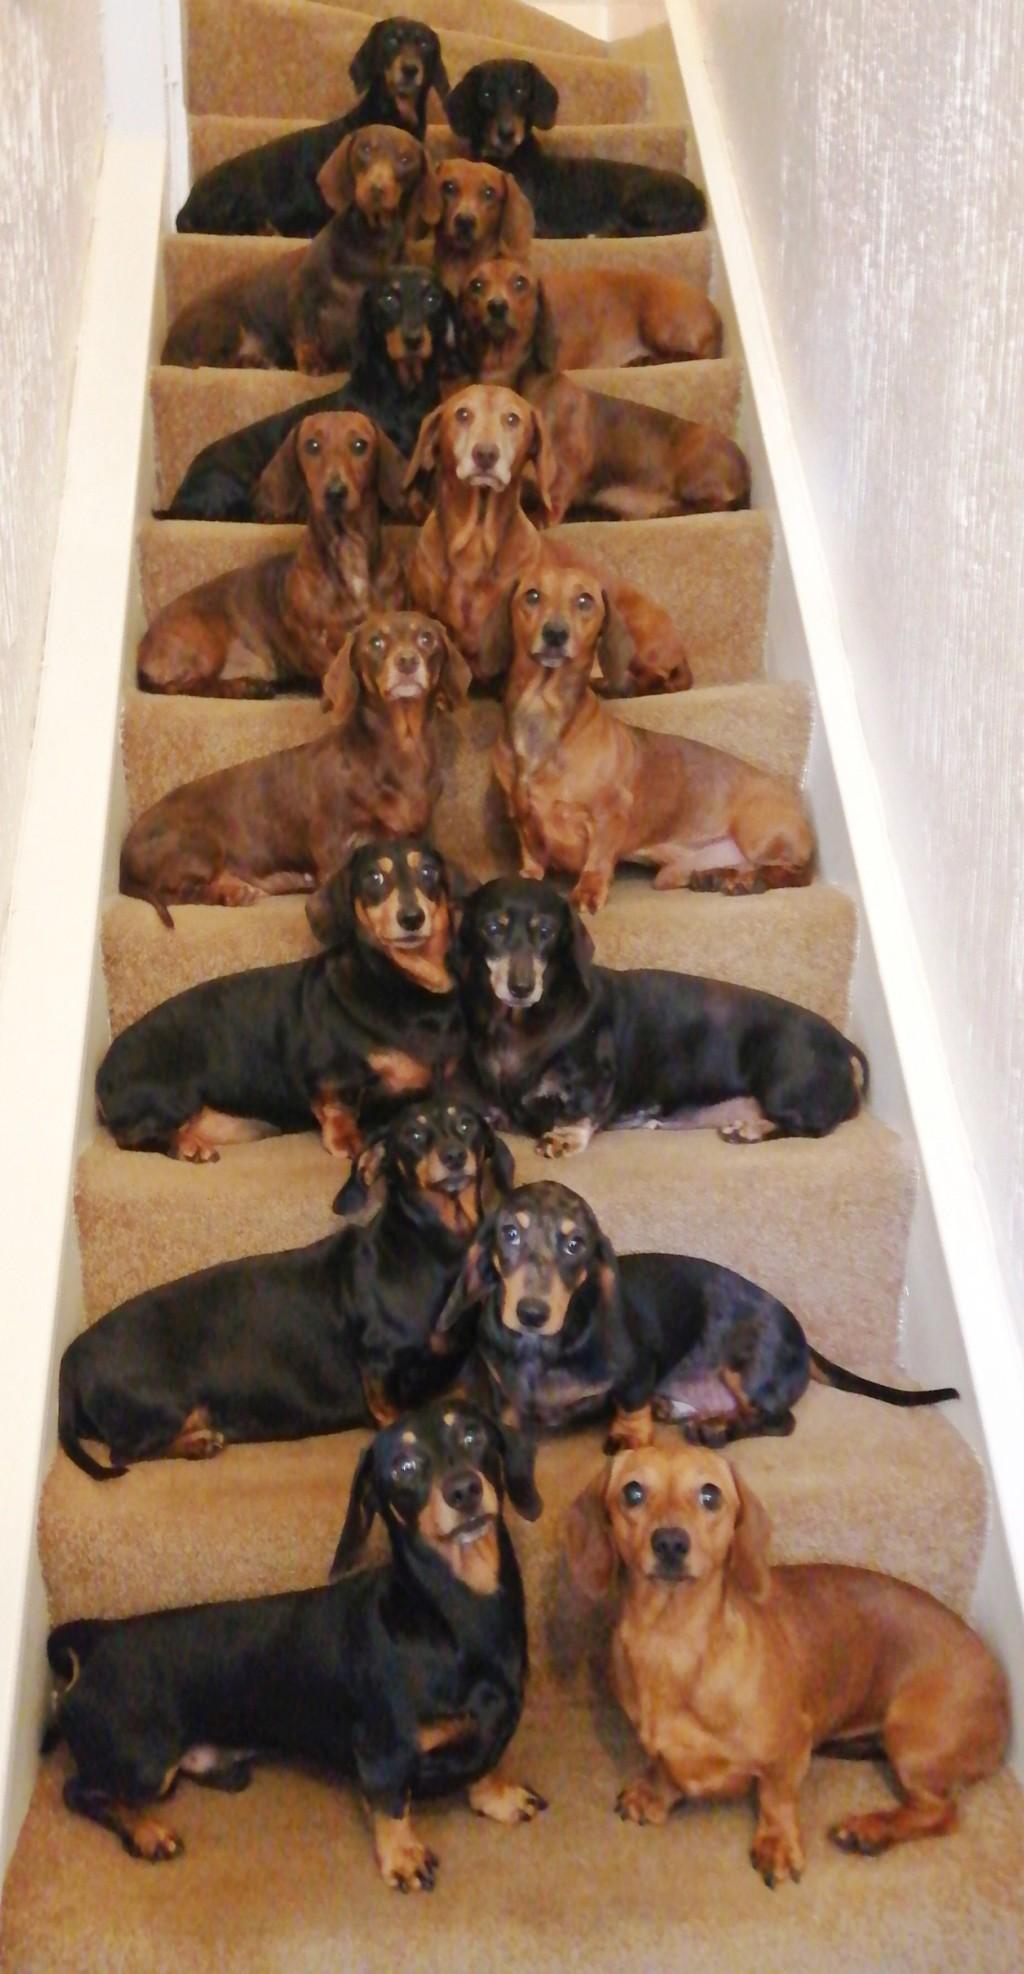 連表情都一樣!他成功拍出「16隻臘腸犬」的奇蹟合照 網發現「秘訣」後笑翻:太神了